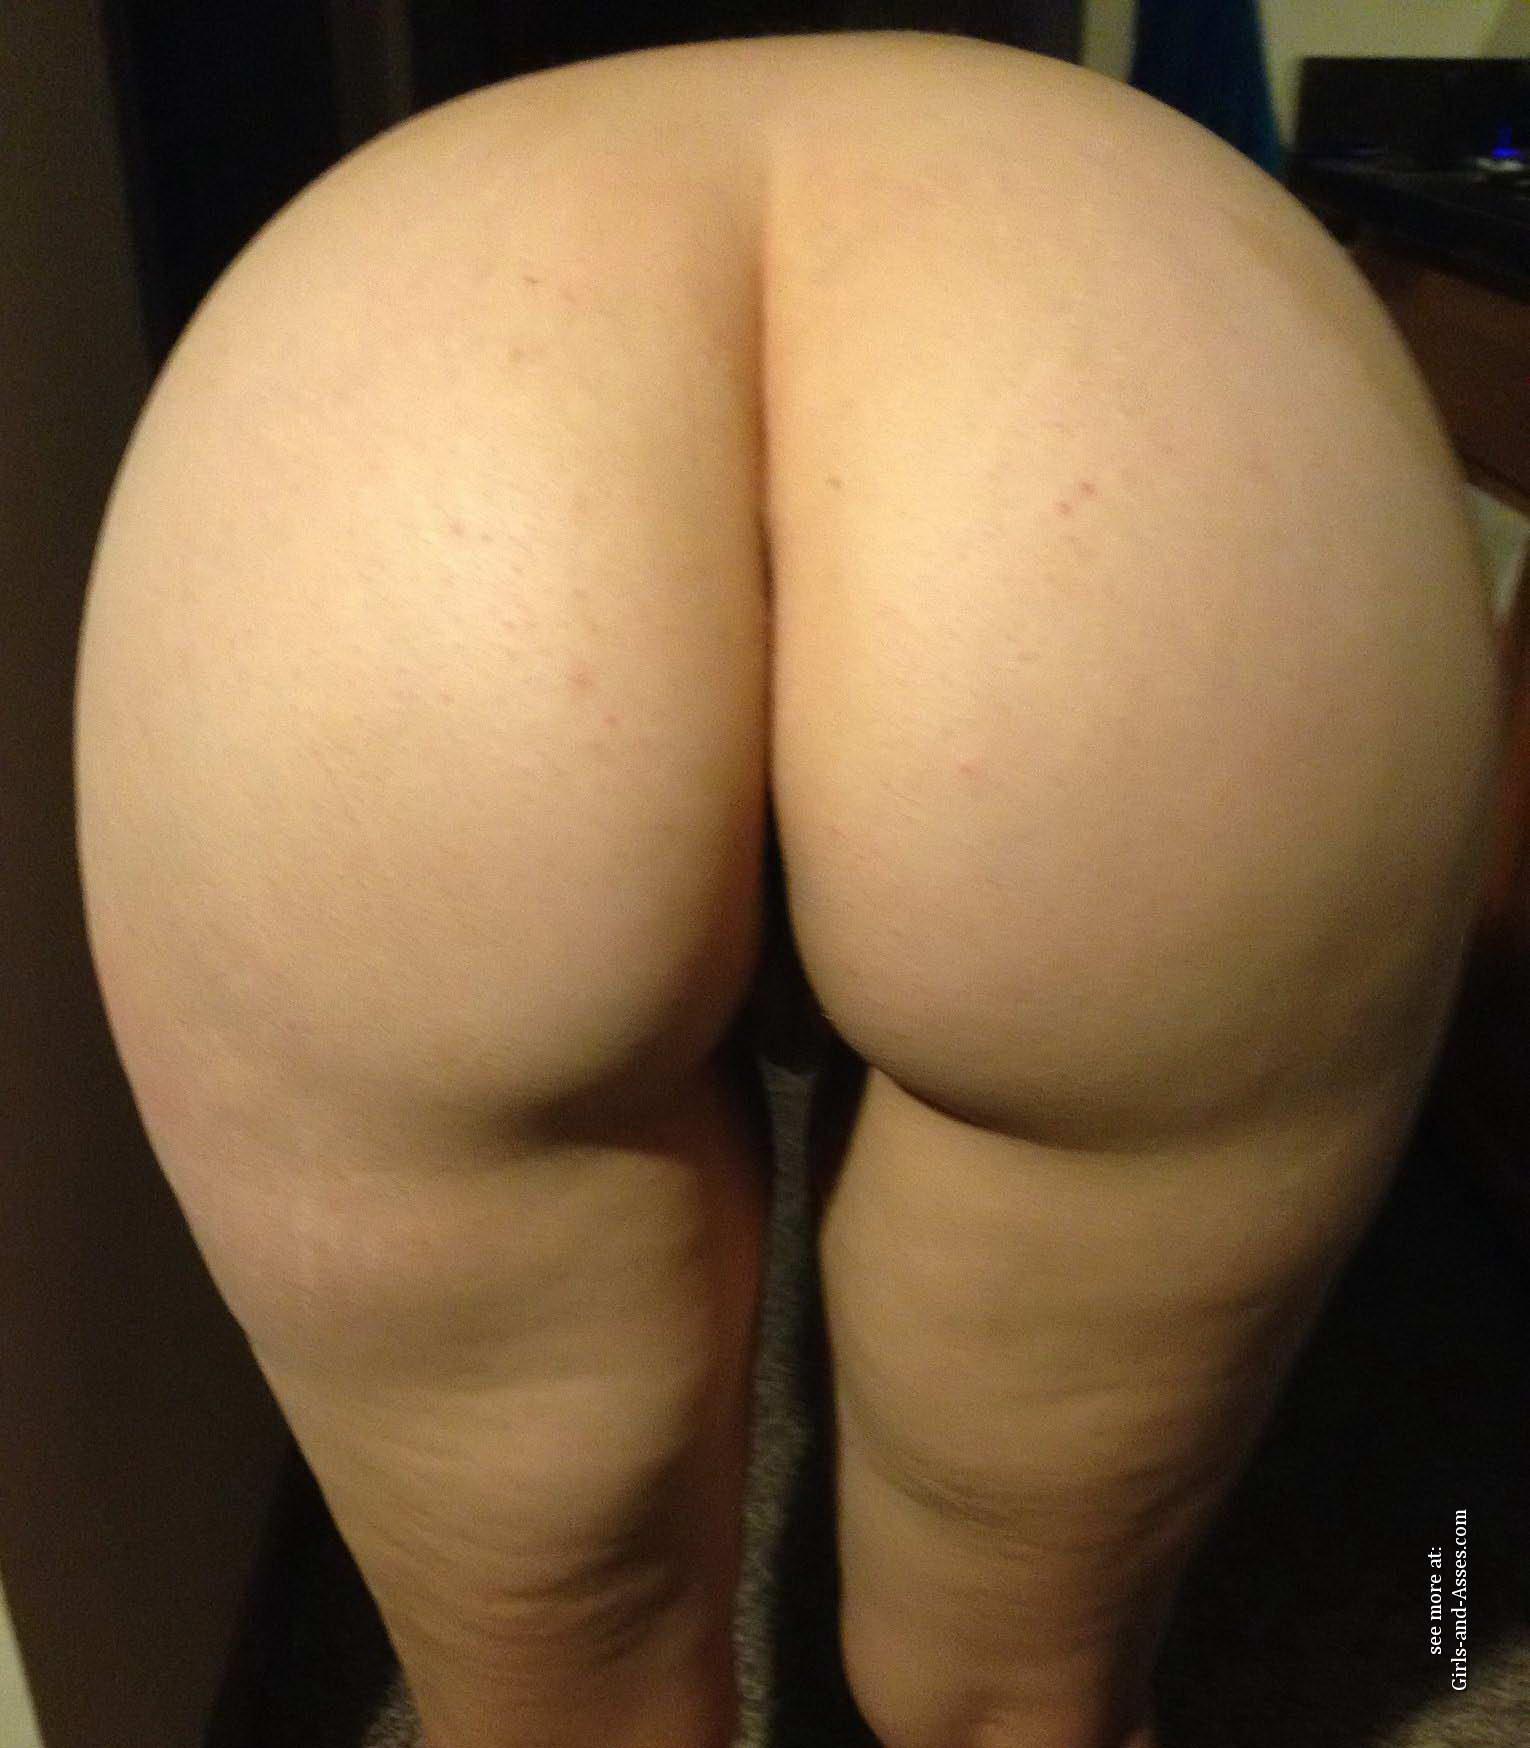 amateur hot homemade nude ass 02651